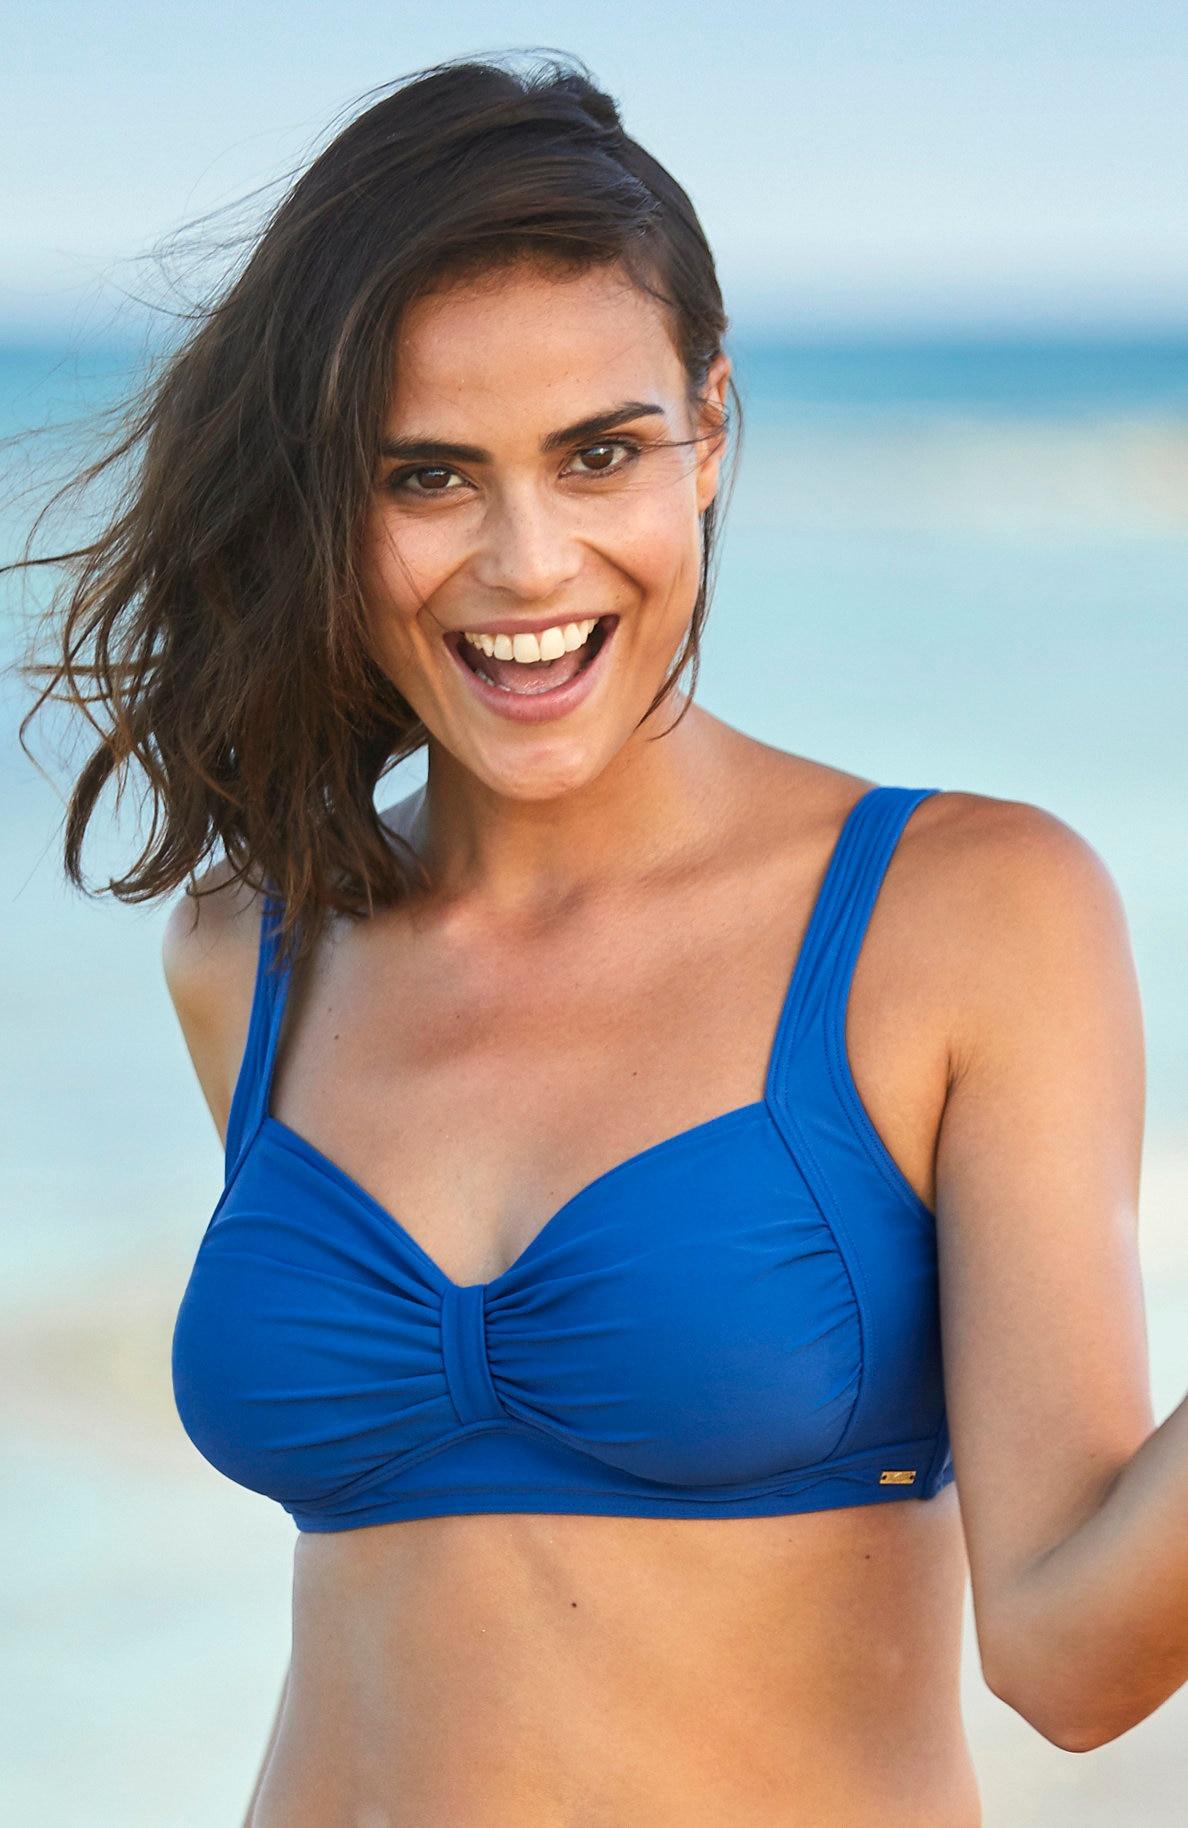 Niebieski biustonosz od bikini bez fiszbin